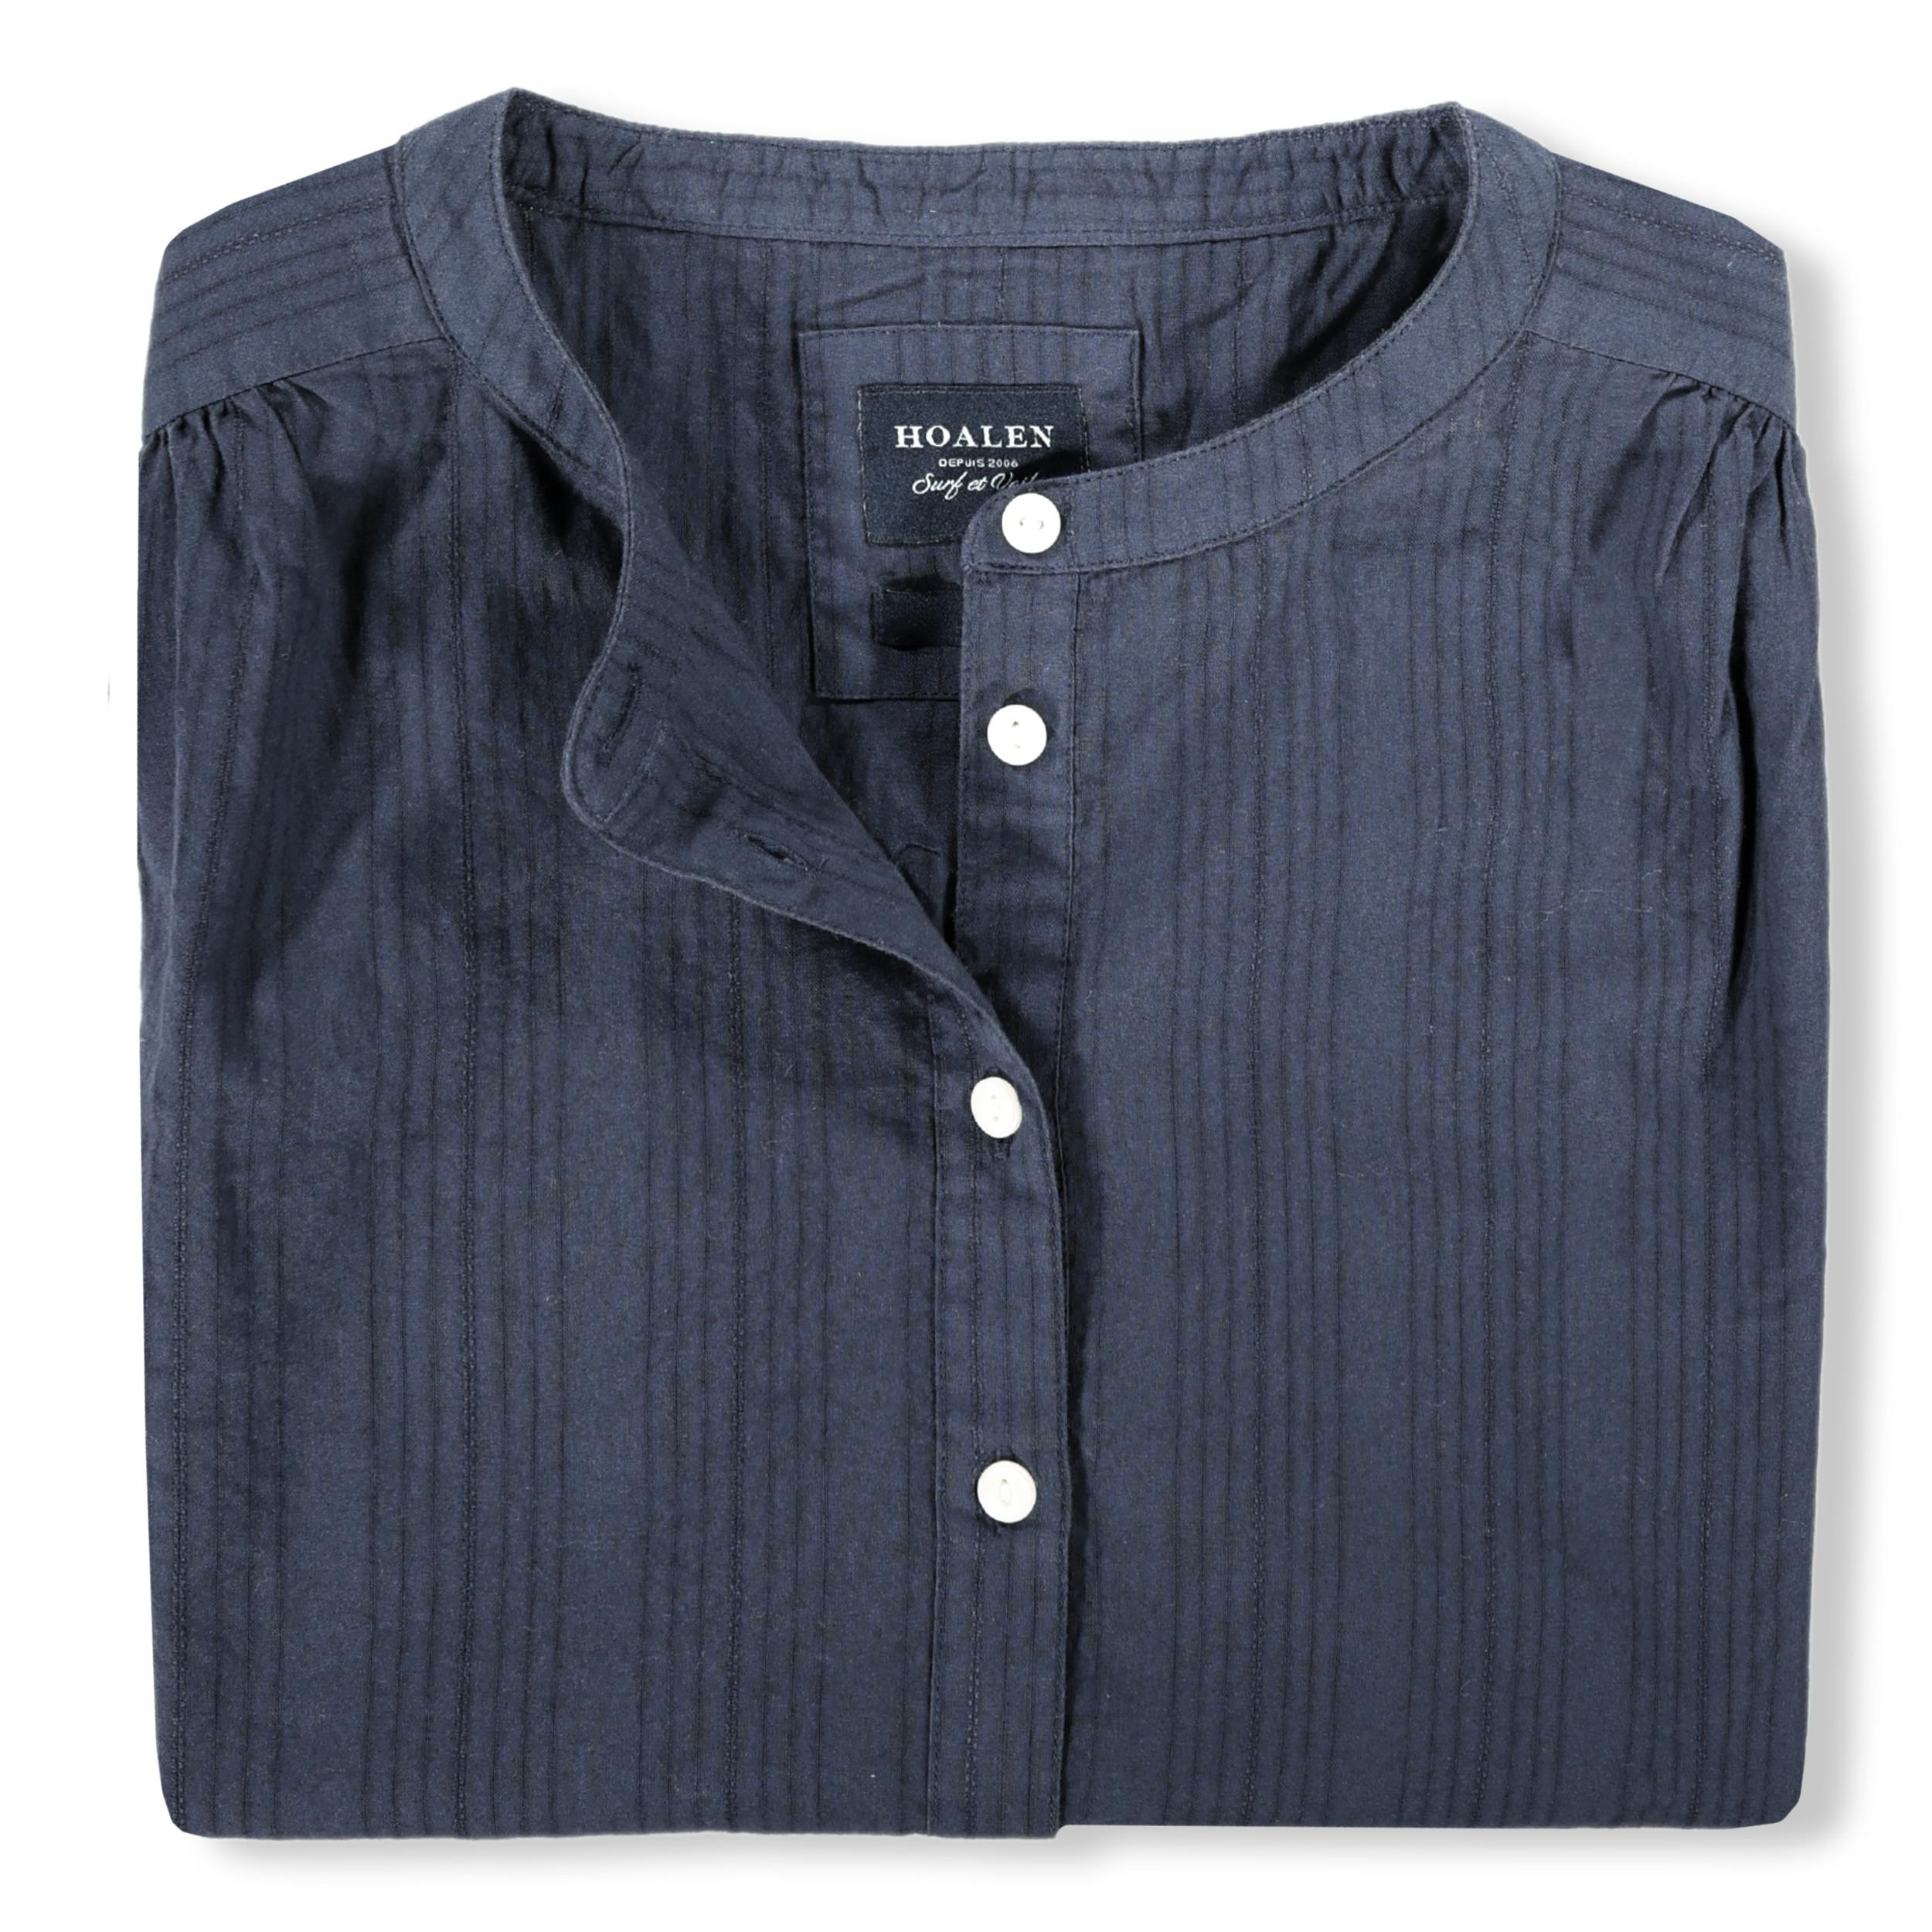 Lightweight blouse